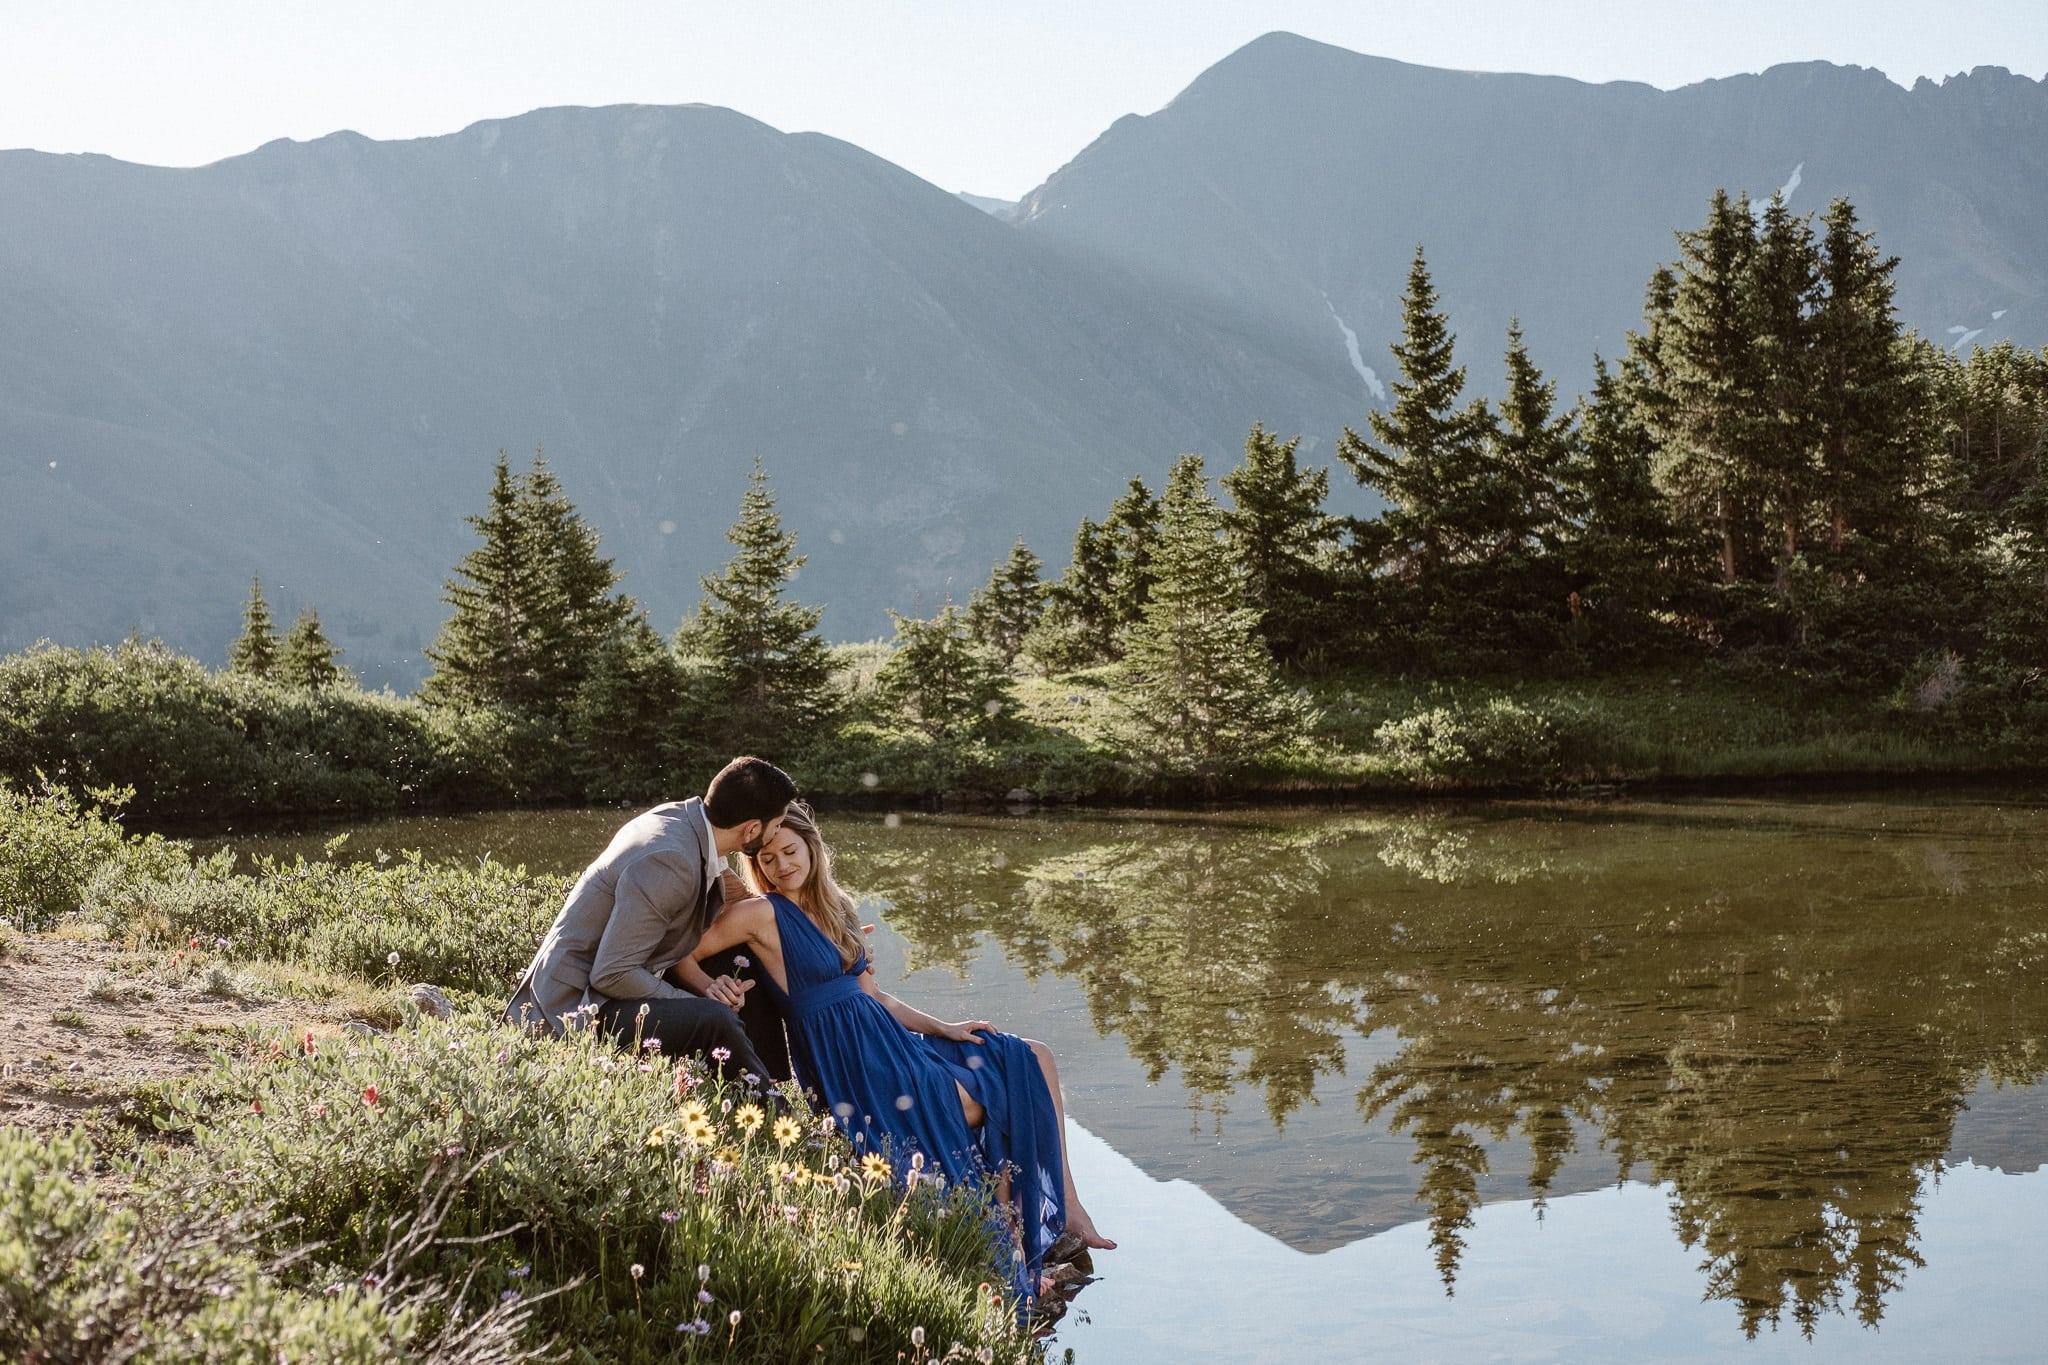 Kaity + Manuel's Colorado Adventure Engagement